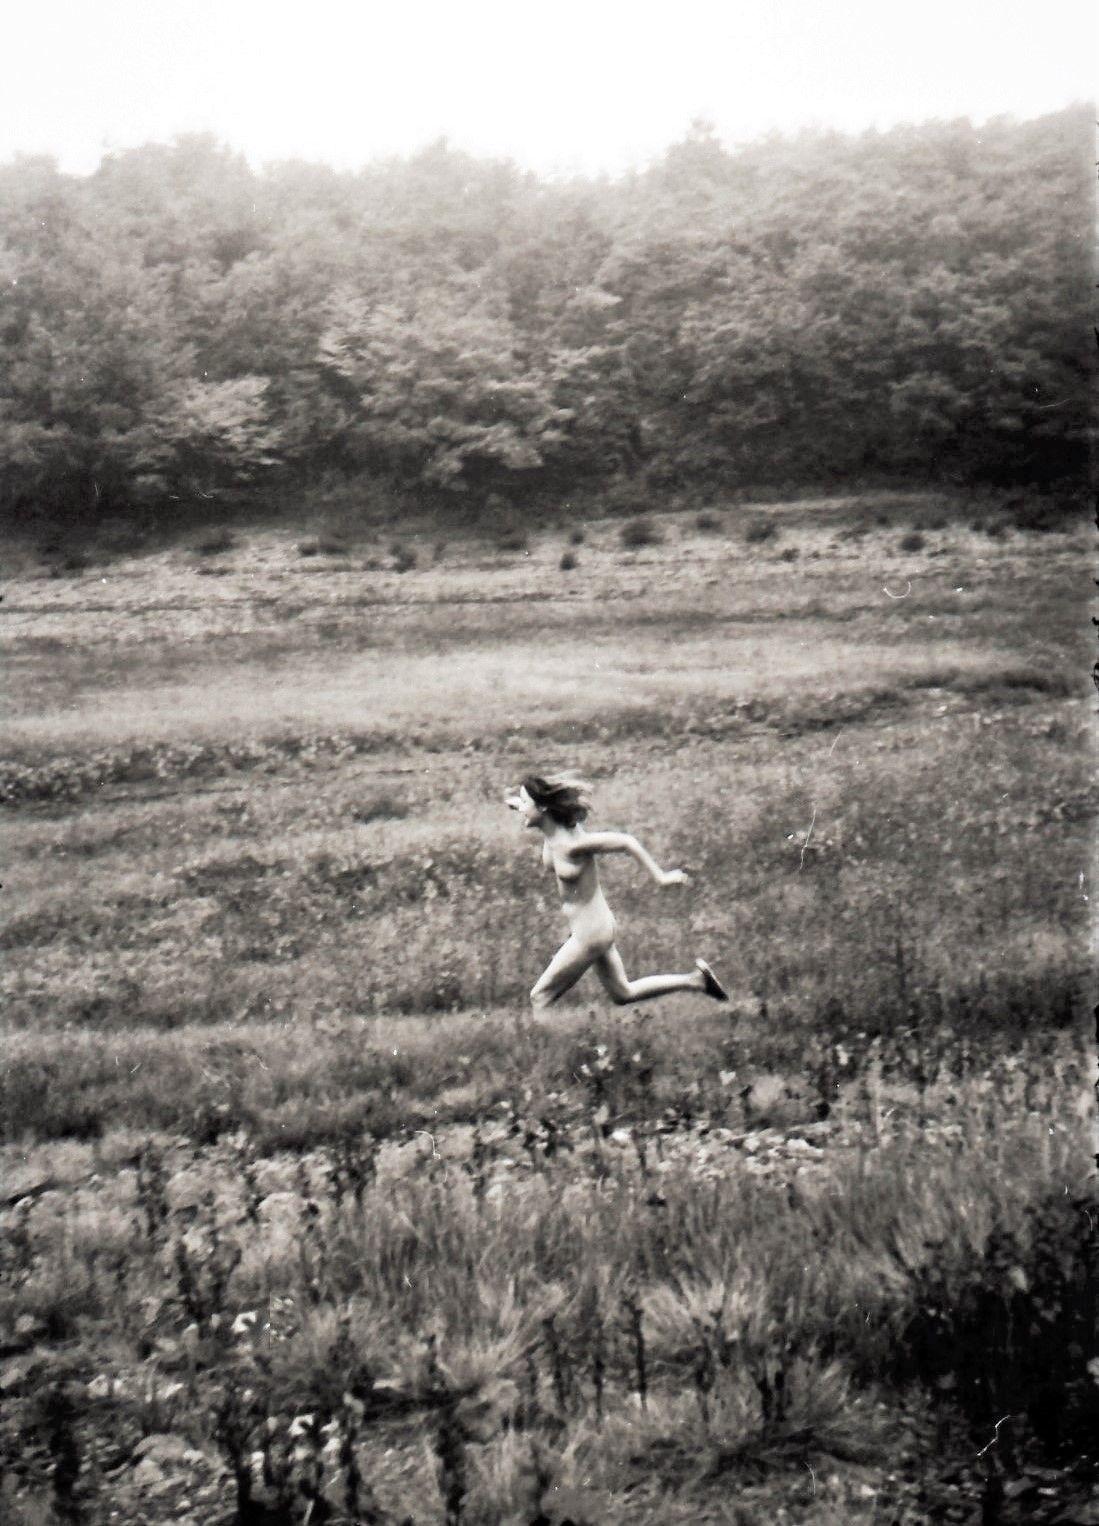 山本悍右 Kansuke Yamamoto, 1974 ©Toshio Yamamoto.